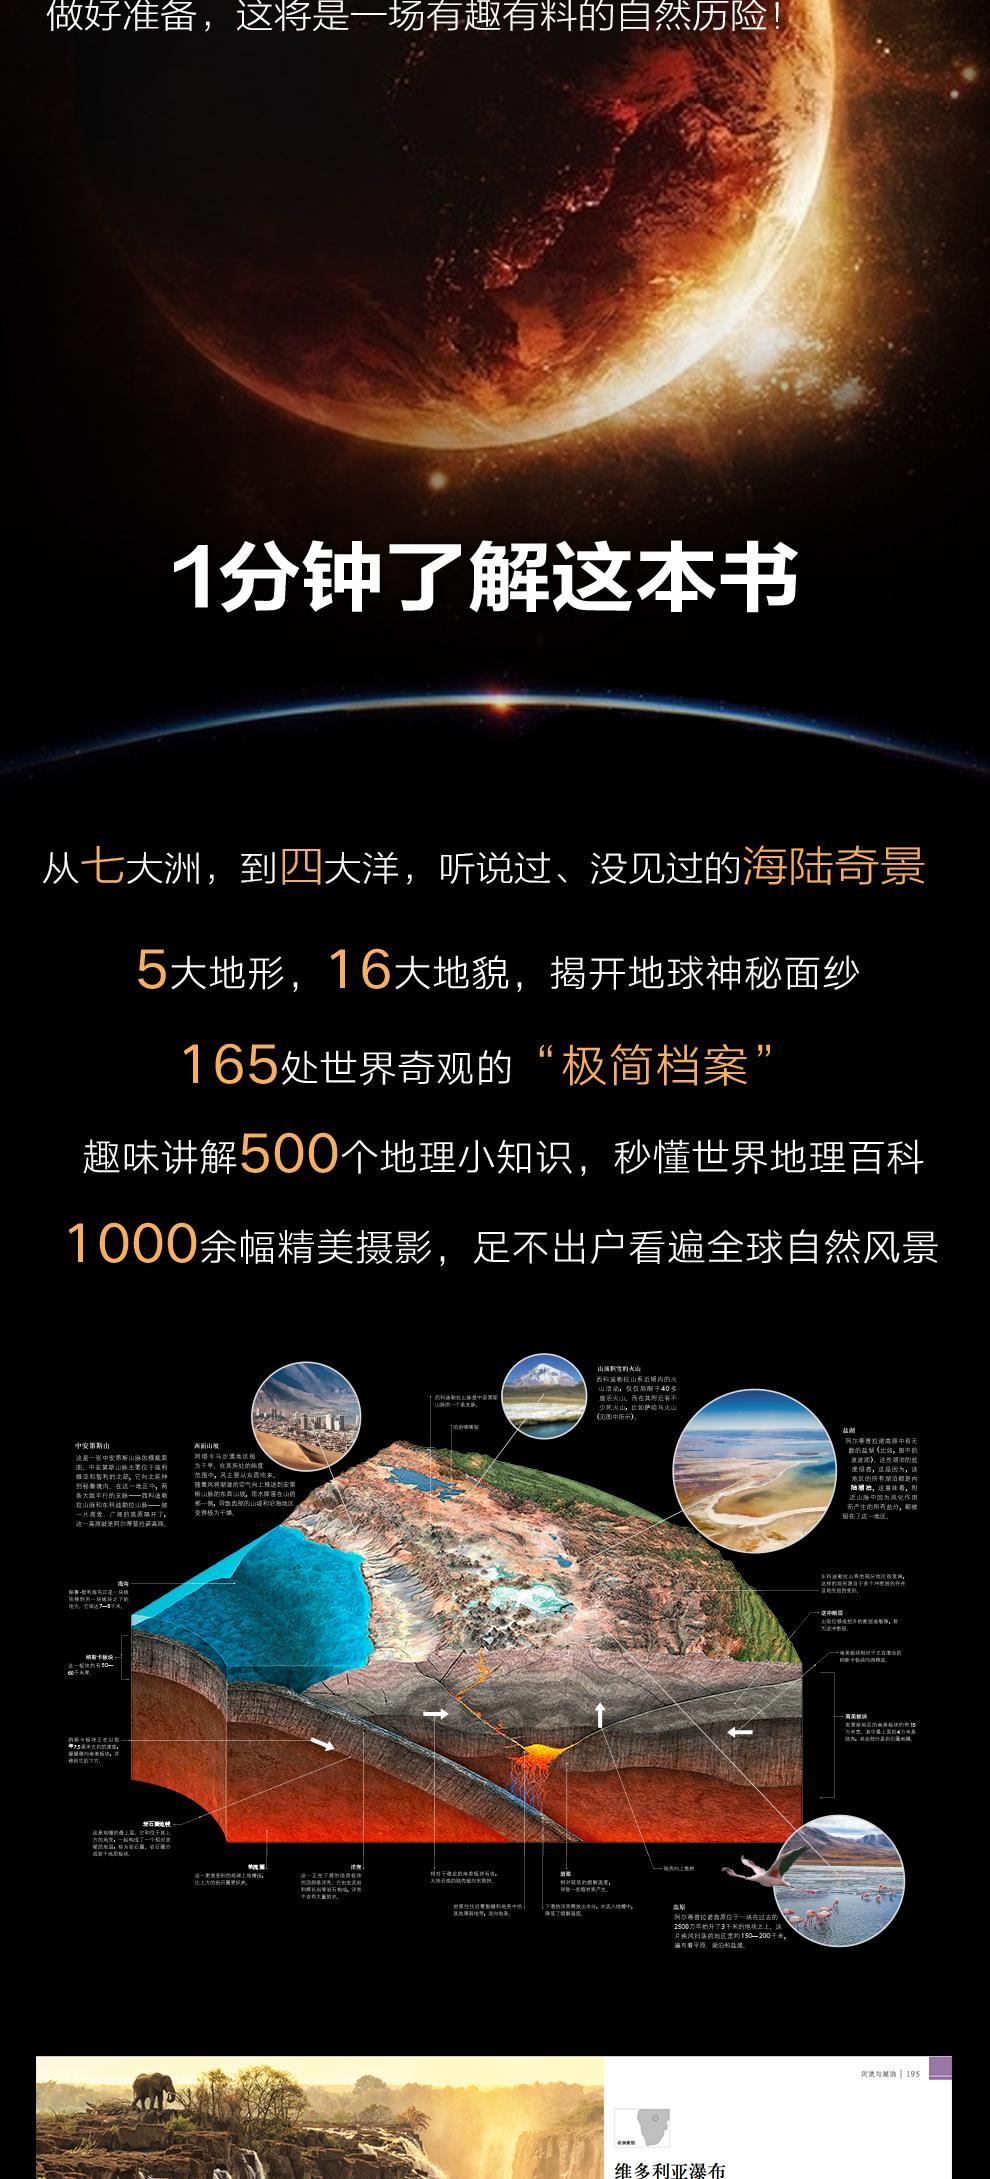 《DK全球自然奇观全探索》预售_02.jpg